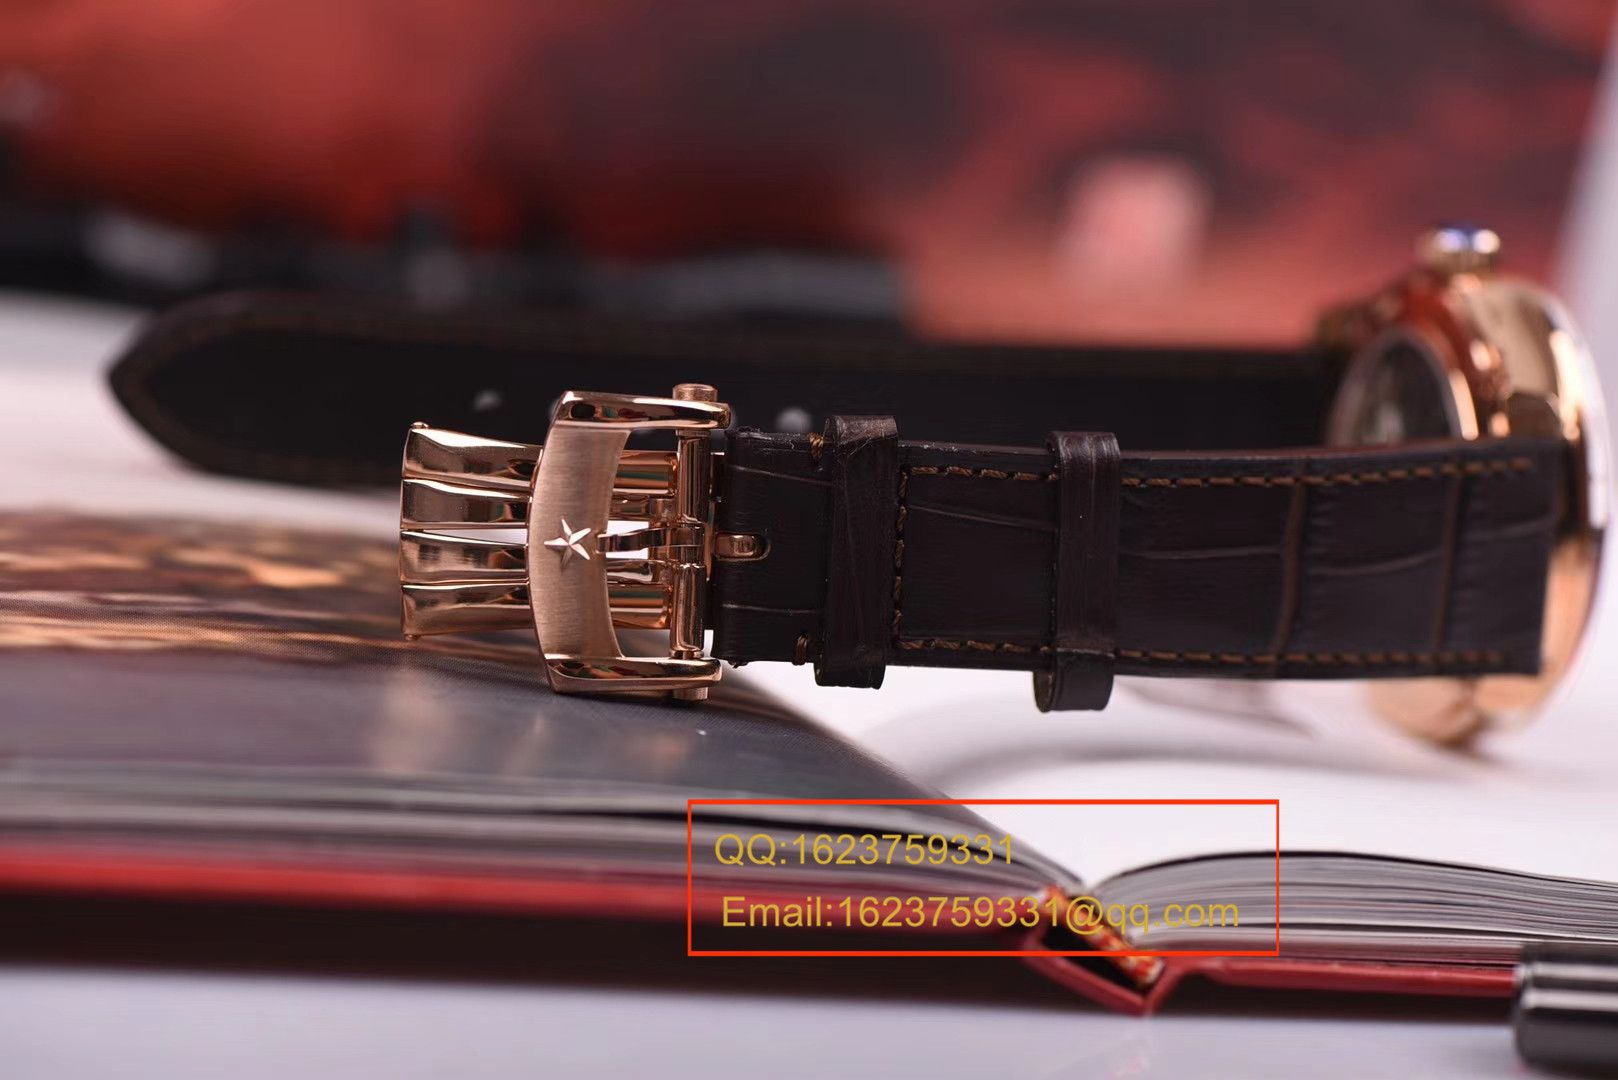 【视频评测】BM厂顶级复刻真力时ACADEMY系列镂空玫瑰金陀飞轮腕表 / ZSLEA038